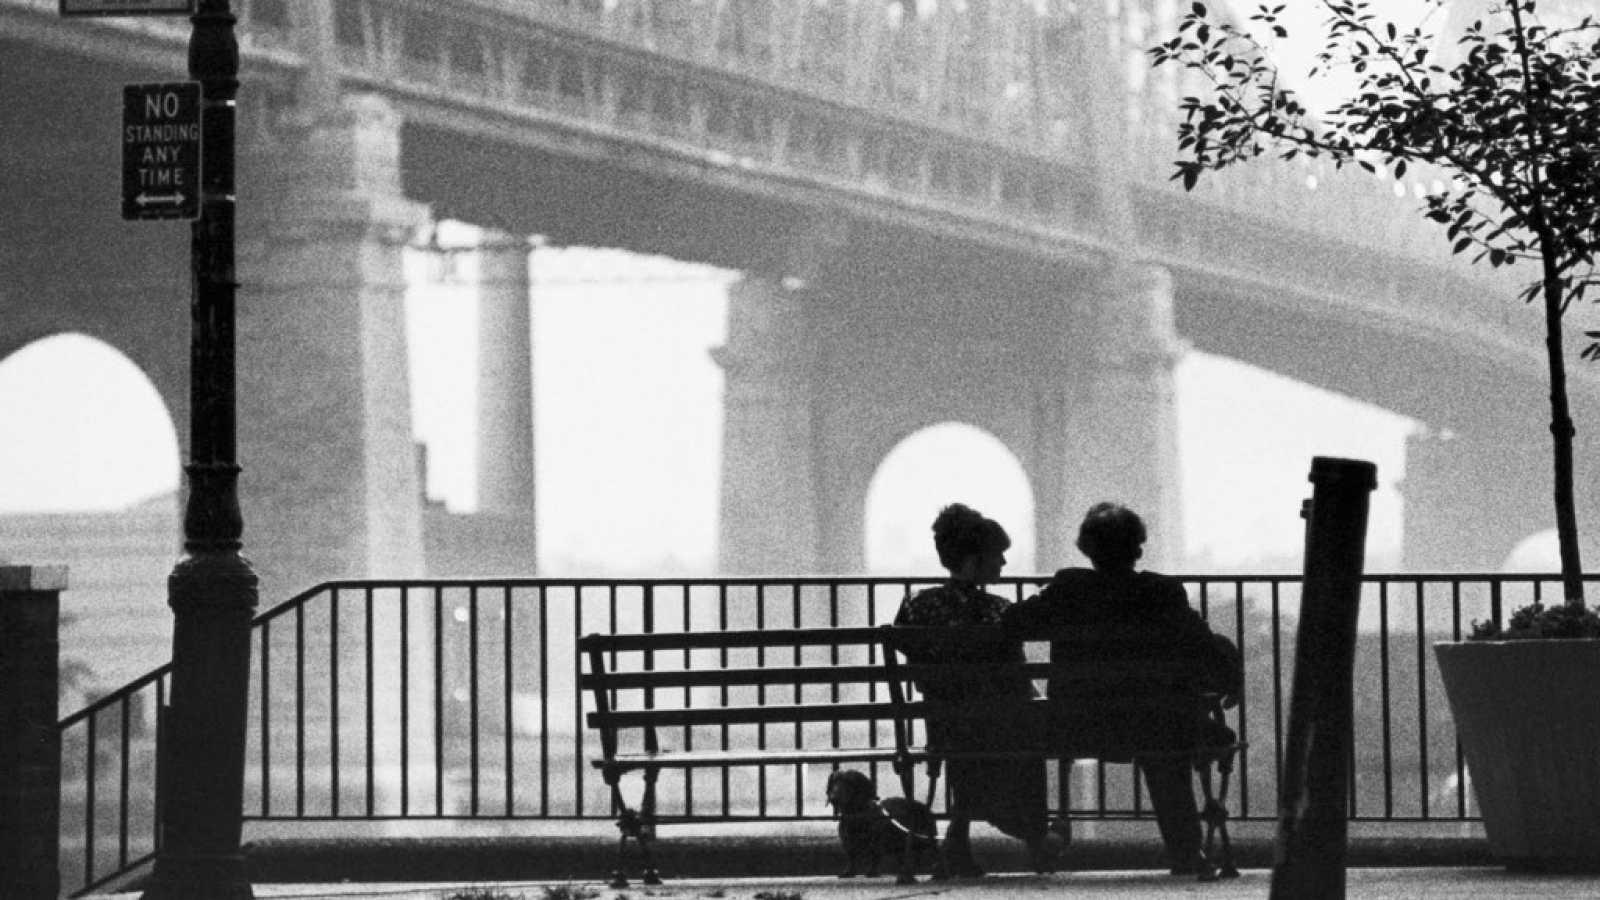 Todos somos sospechosos - New York, New York - 11/02/21 - escuchar ahora